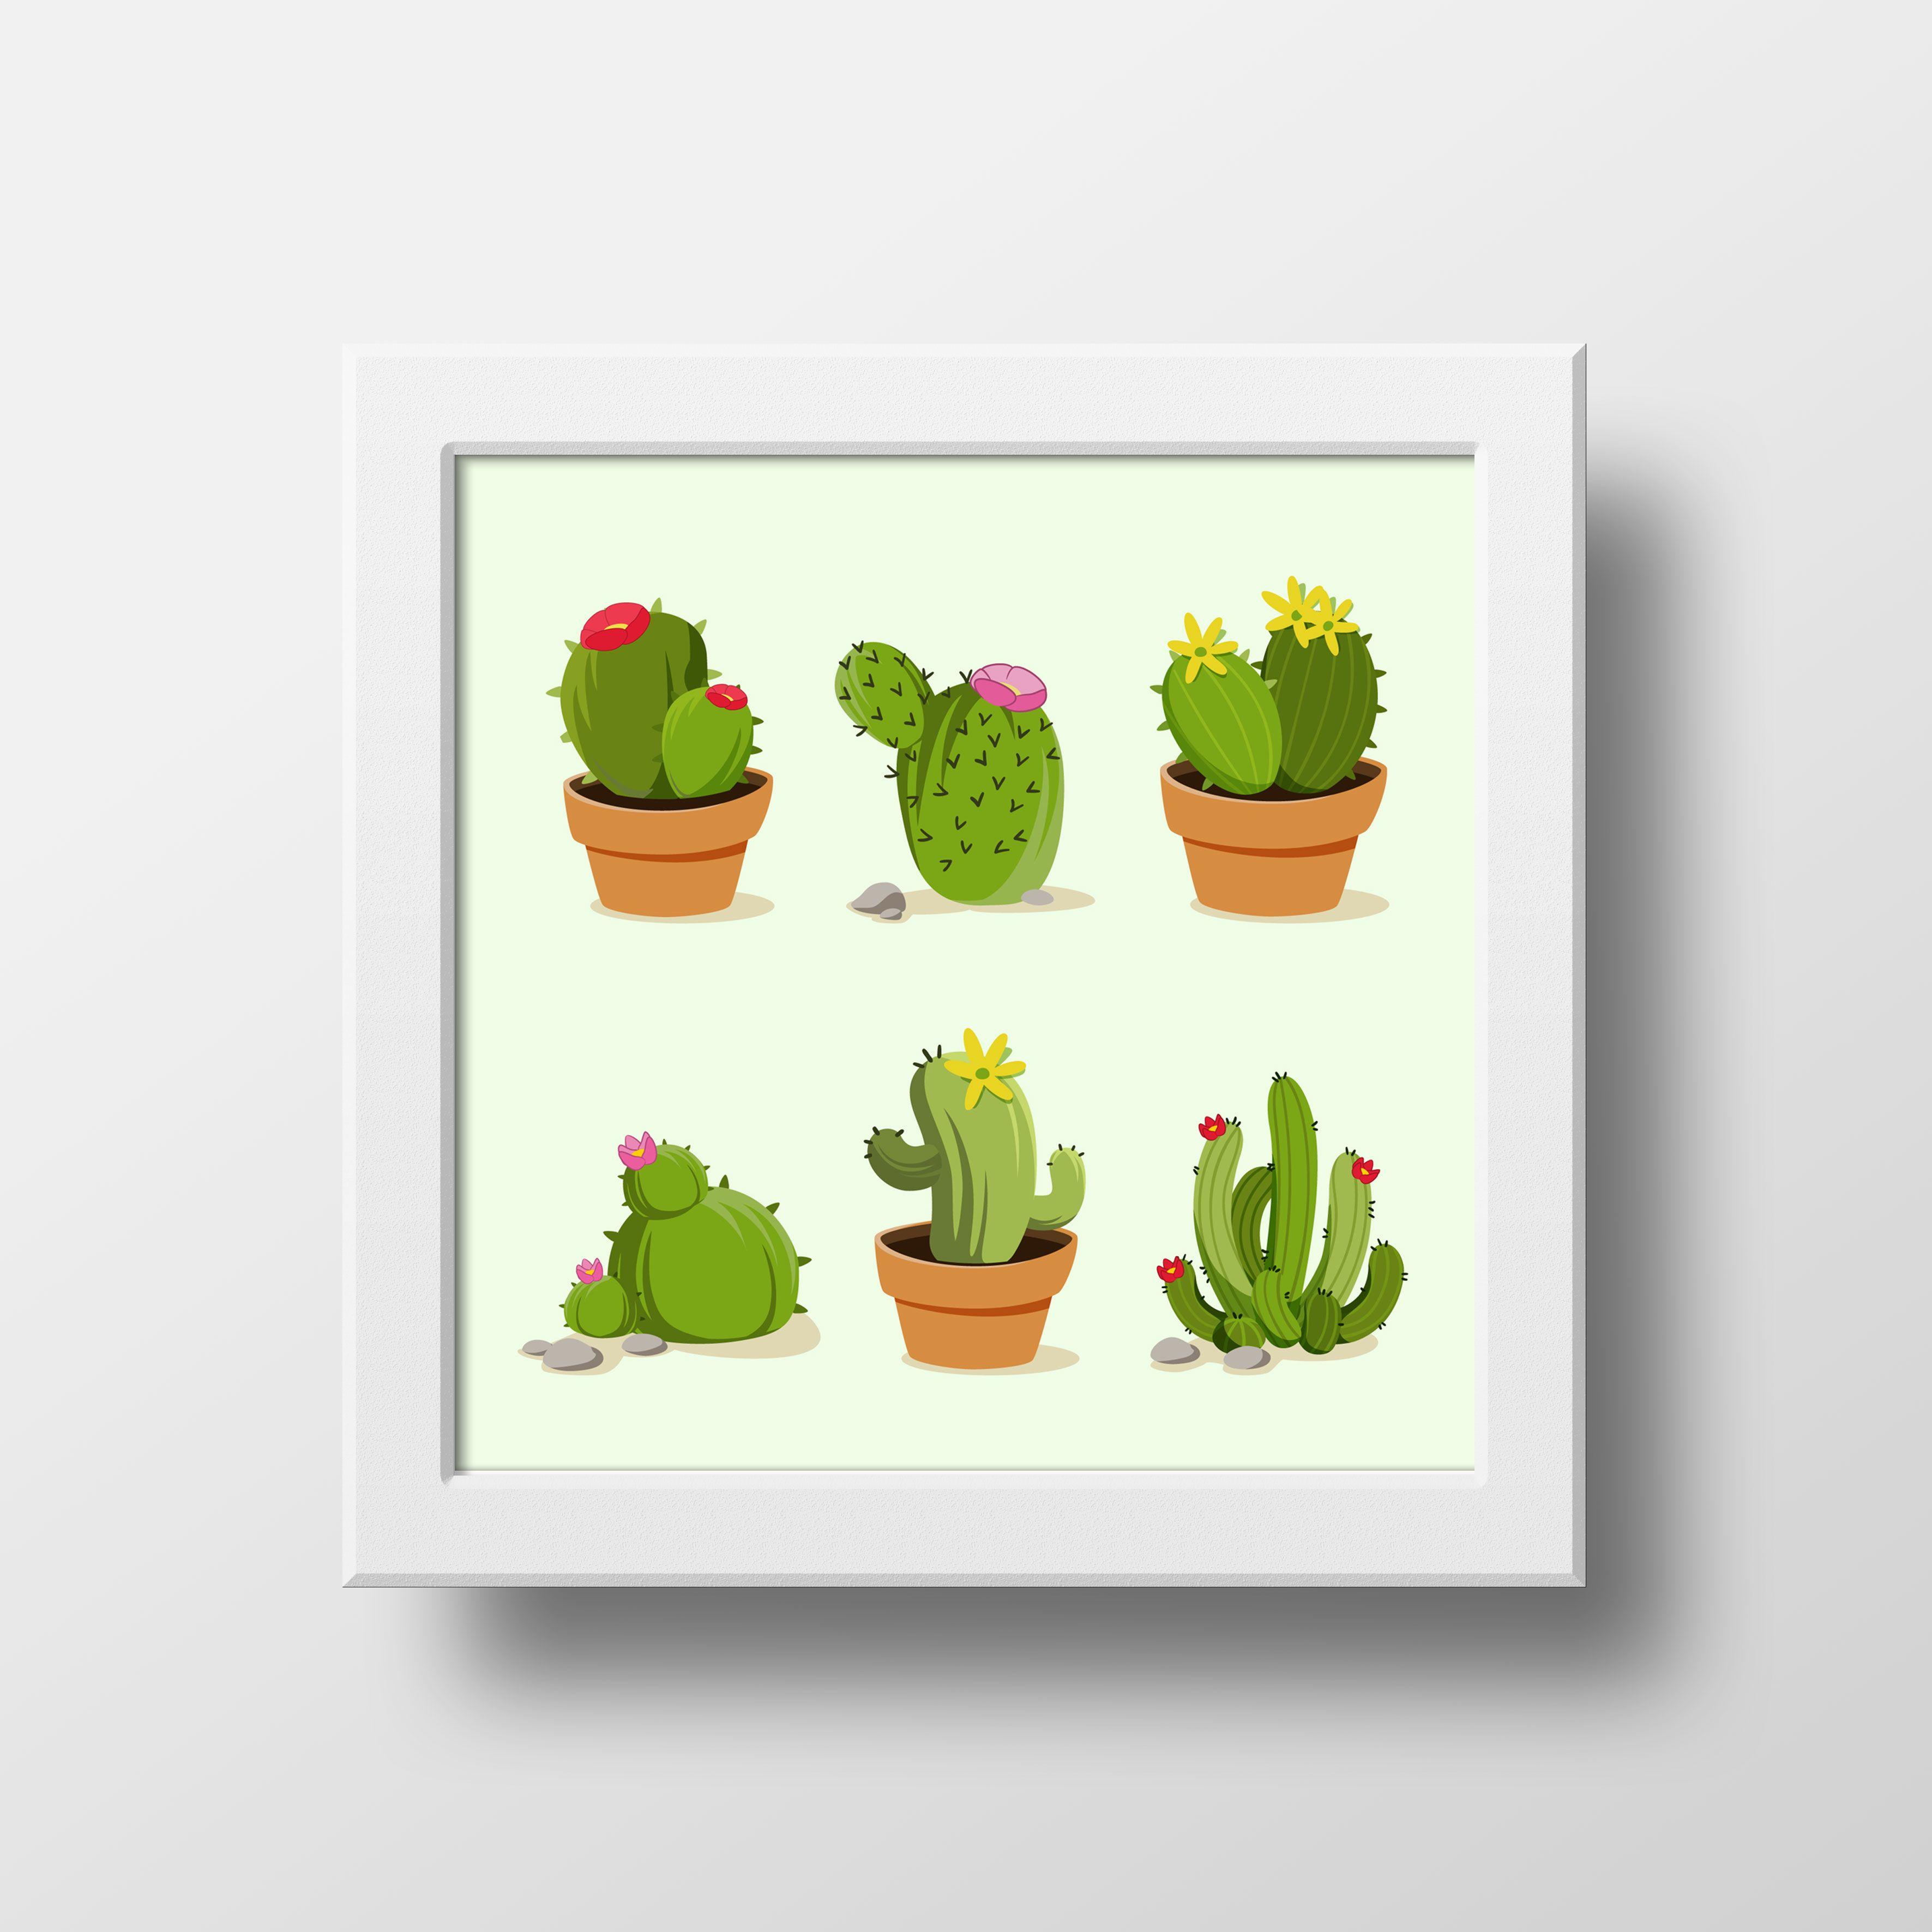 Wa 081 946 542 871 Poster Dinding Gambar Kaktus Hiasan Dinding Poster Kaktus Poster Menggambar Kaktus Dinding